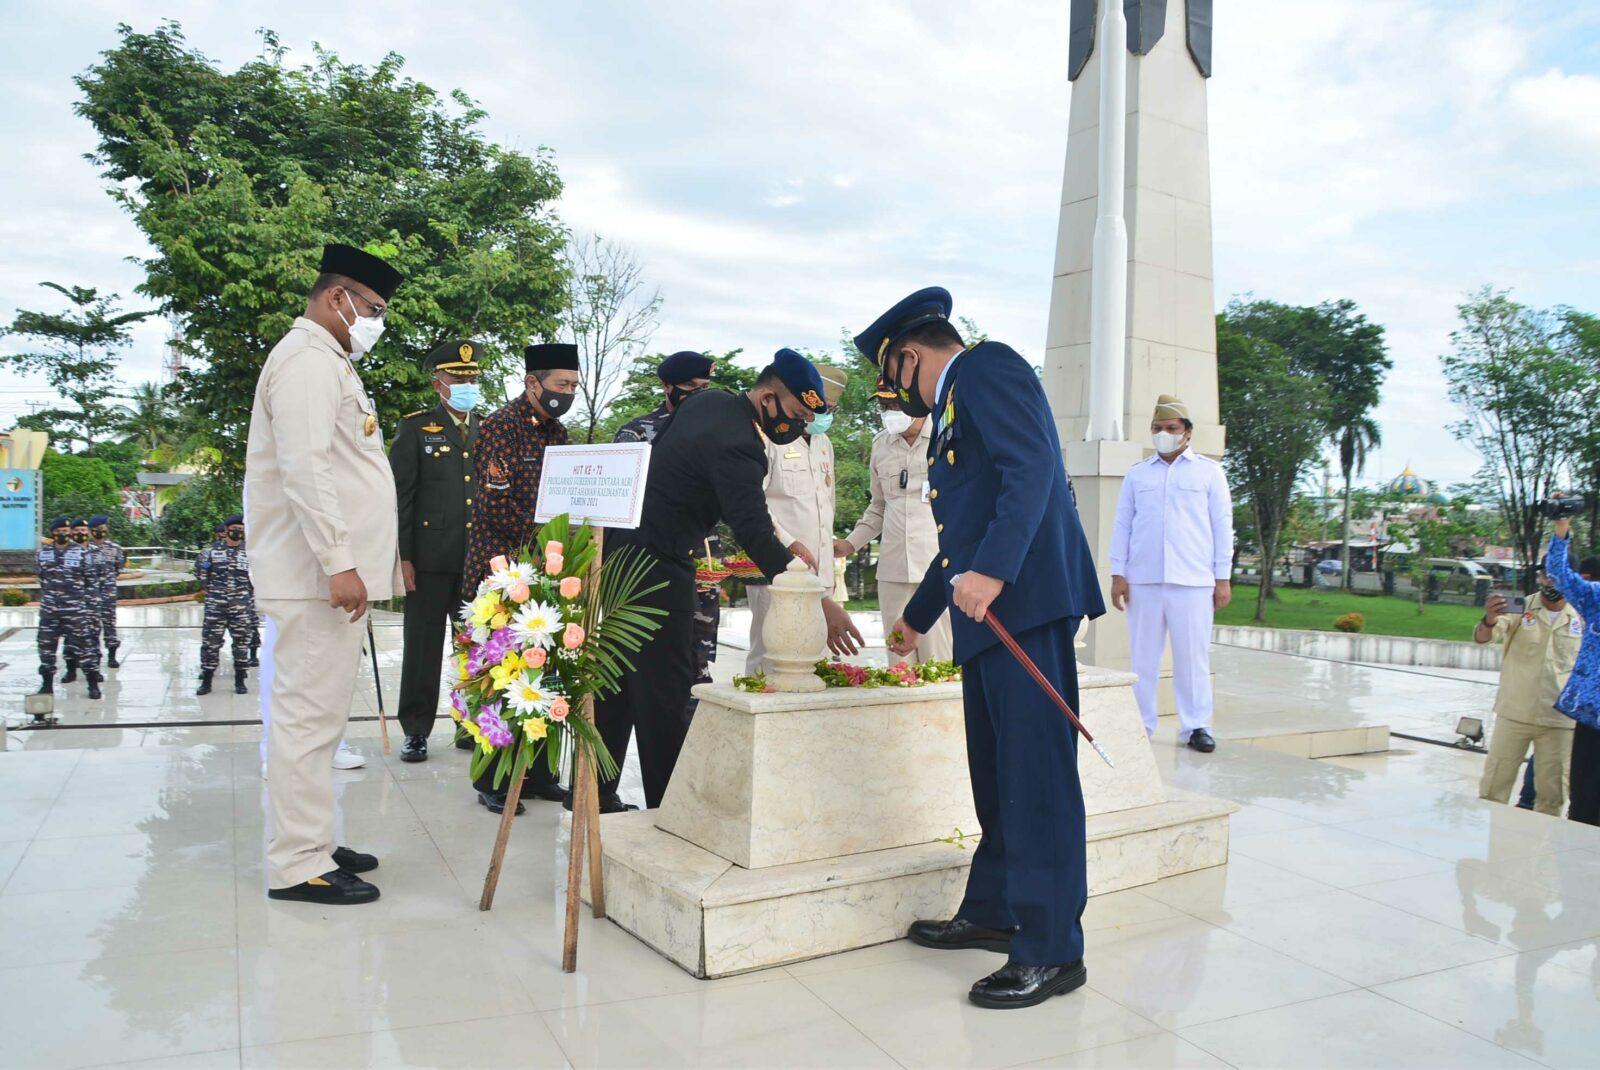 Peringatan HUT ke 72 Proklamasi Gubernur Tentara ALRI Divisi IV Pertahanan Kalimantan Tahun 2021 di Kalimantan Selatan